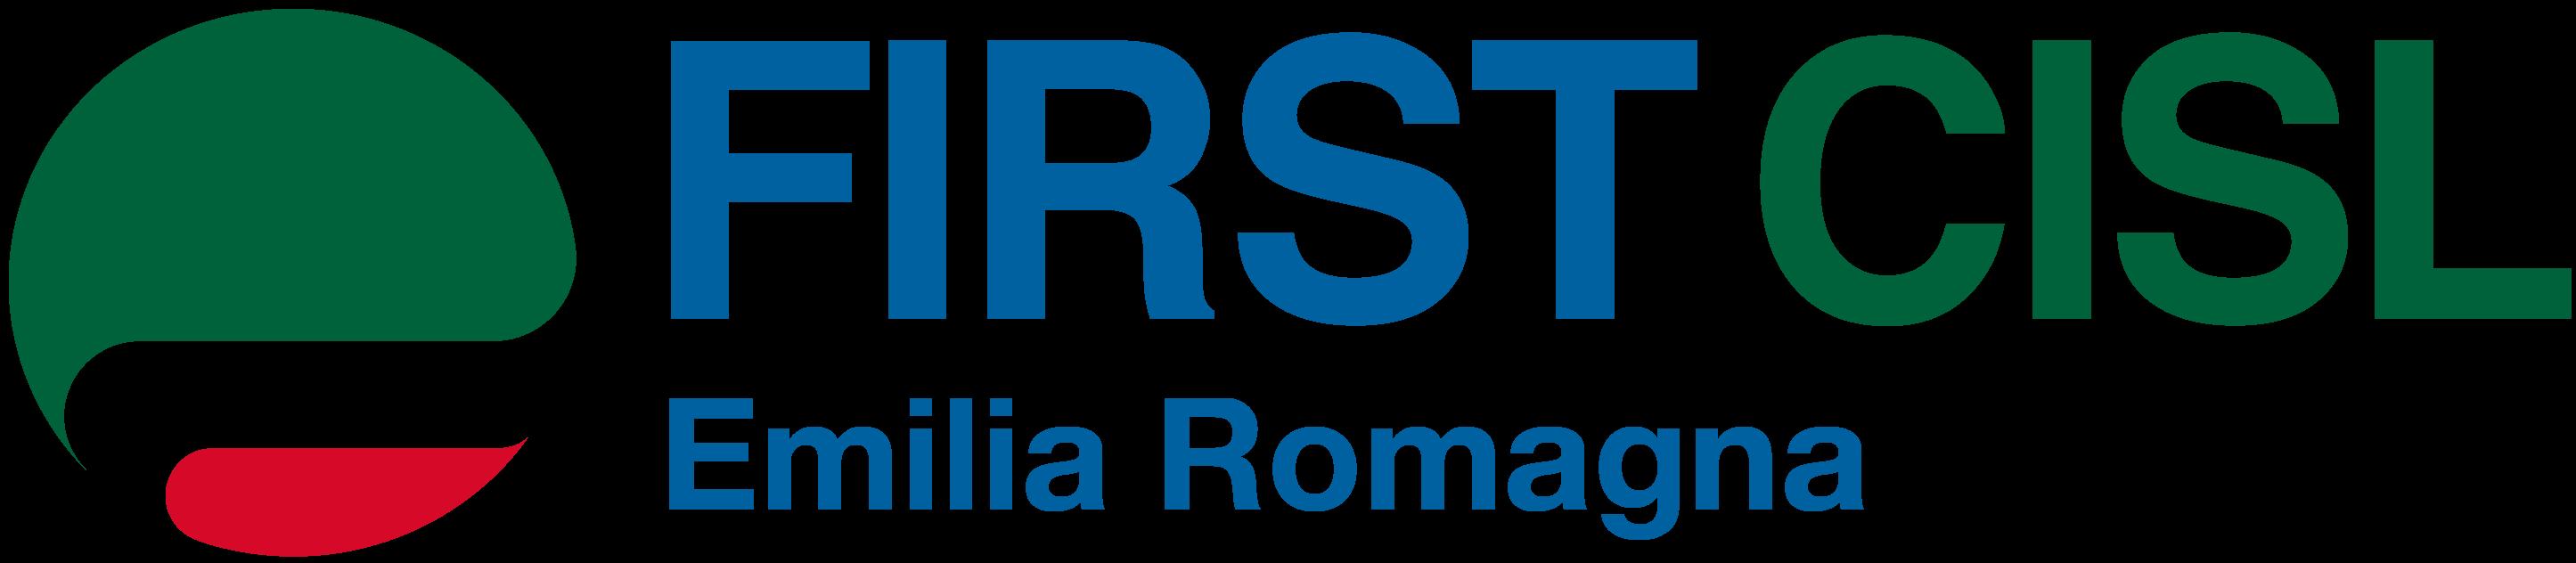 FIRST Emilia-Romagna